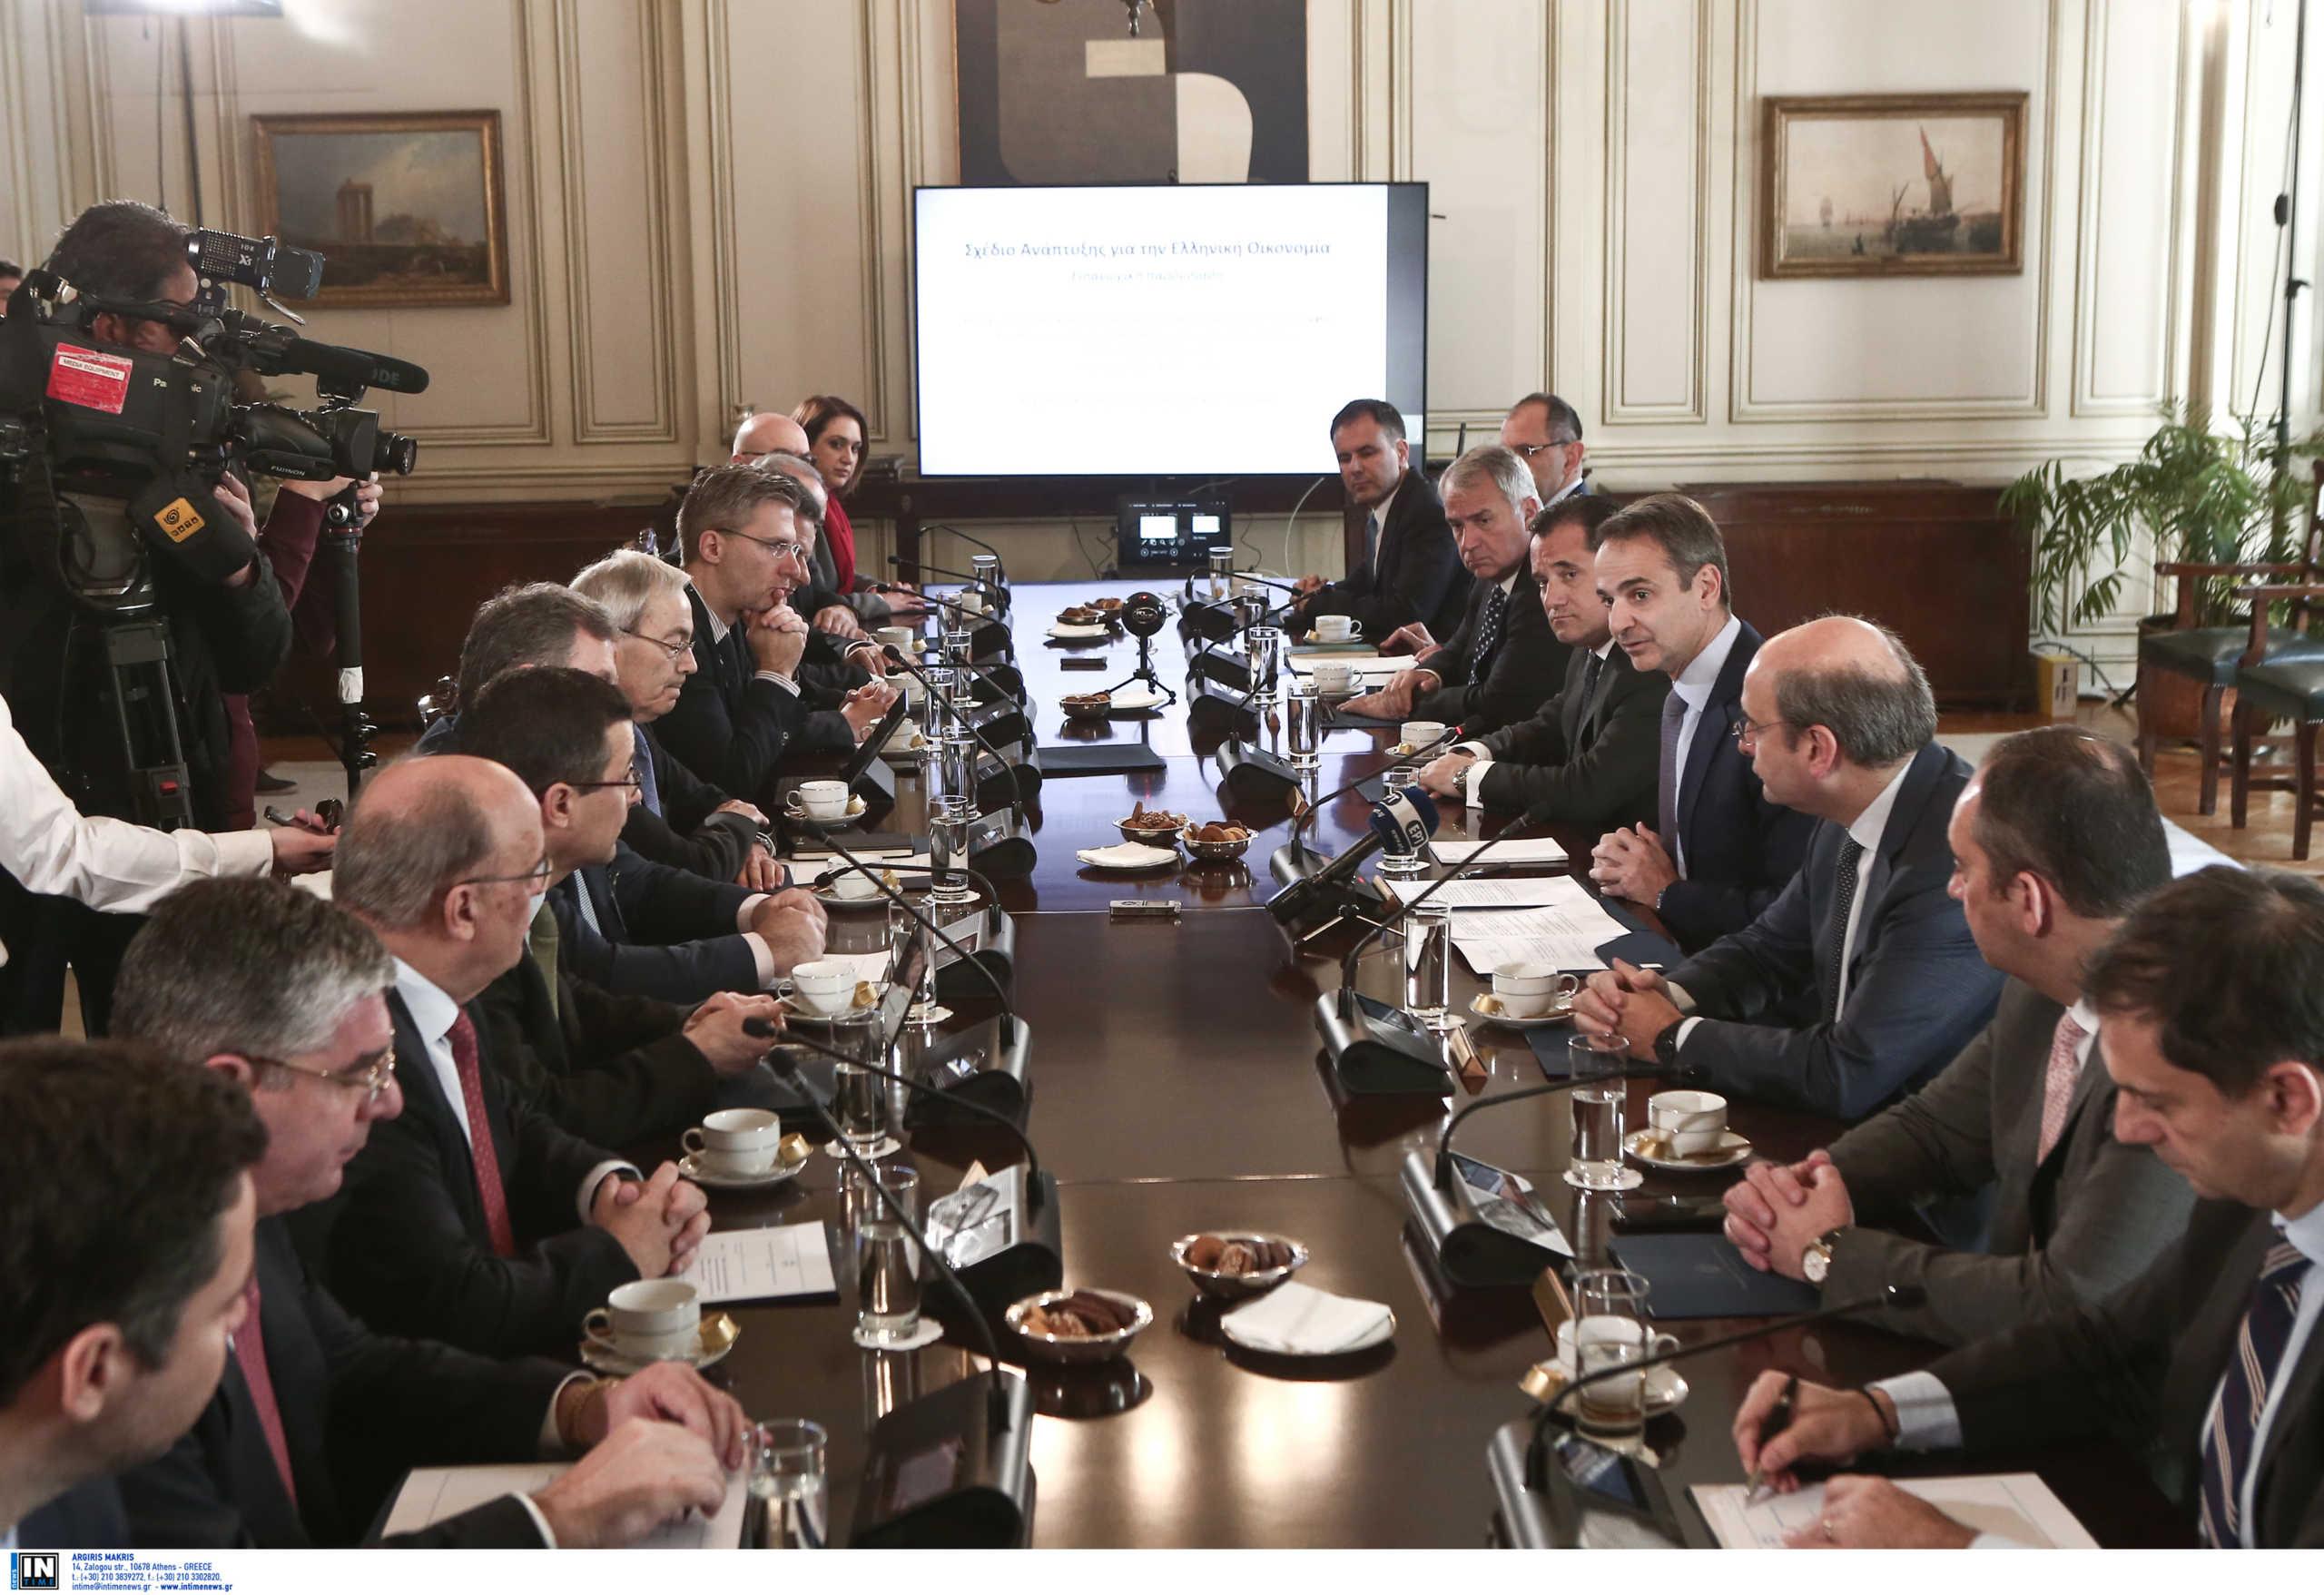 Αυτά προτείνει στο Μαξίμου η επιτροπή Πισσαρίδη για να «ξαναζωντανέψει» η οικονομία